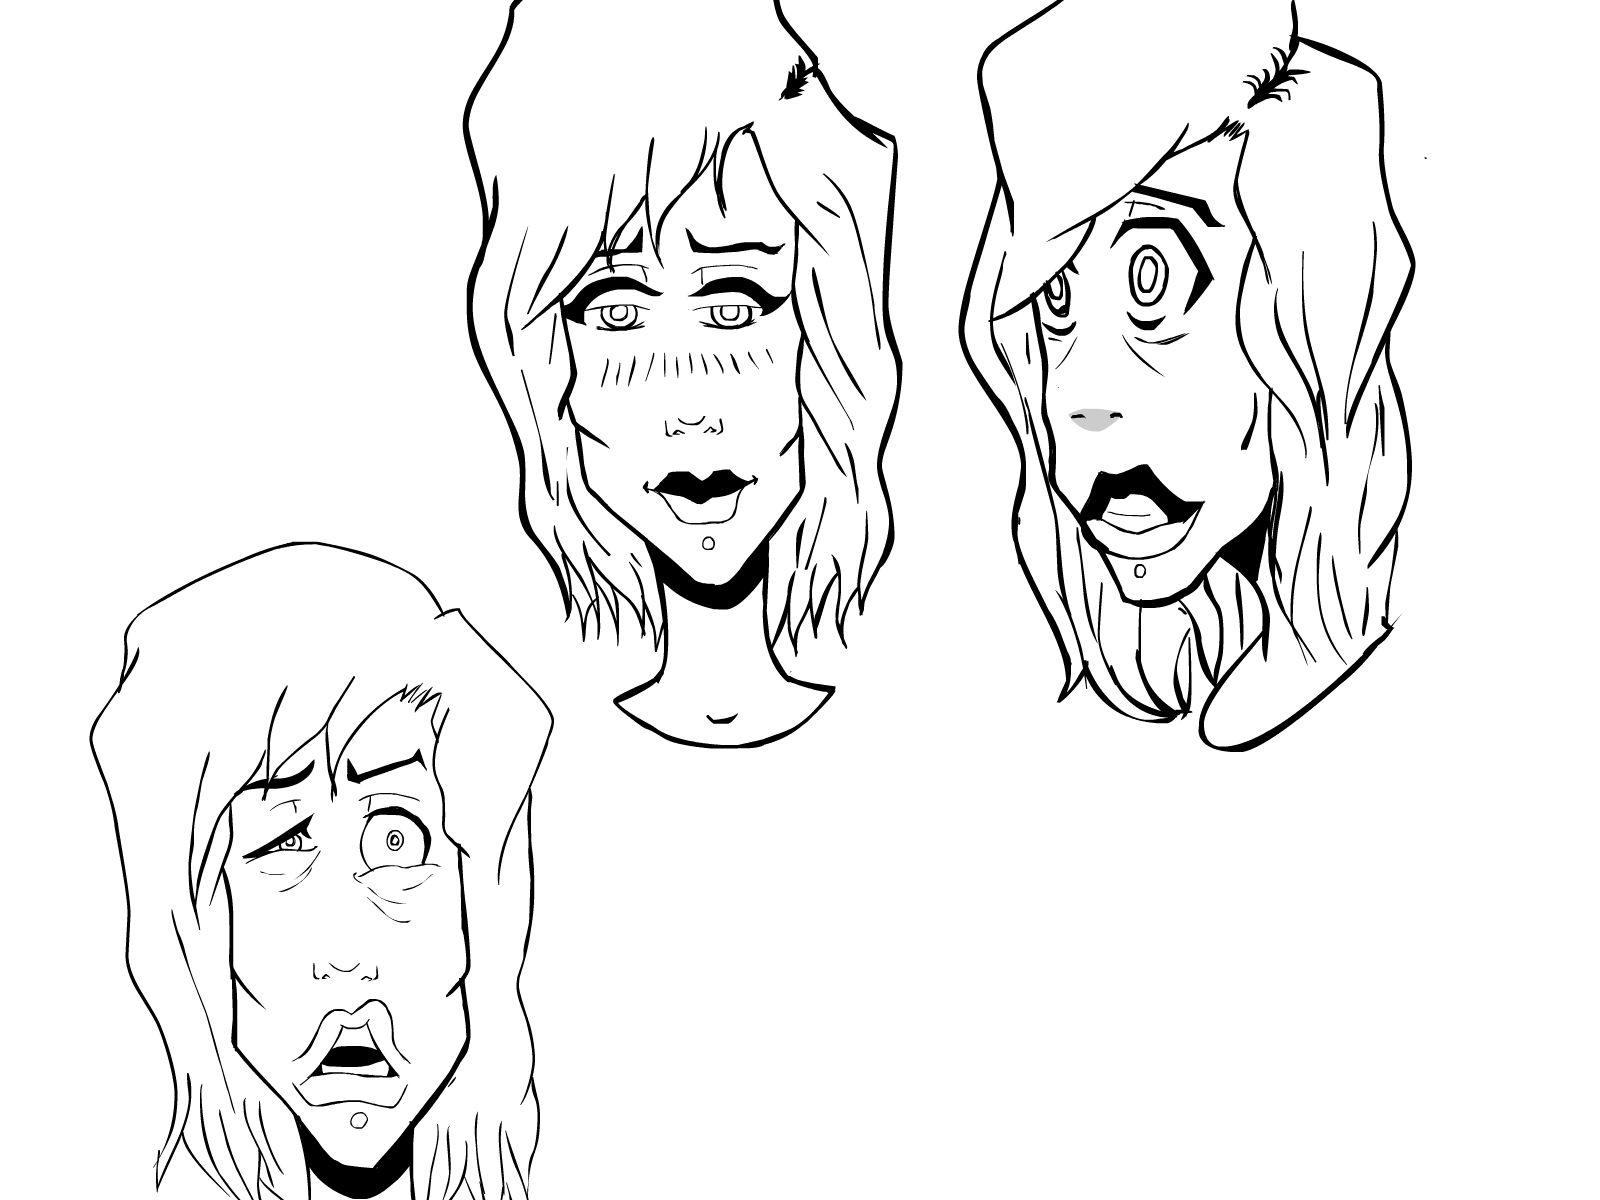 OC Faces